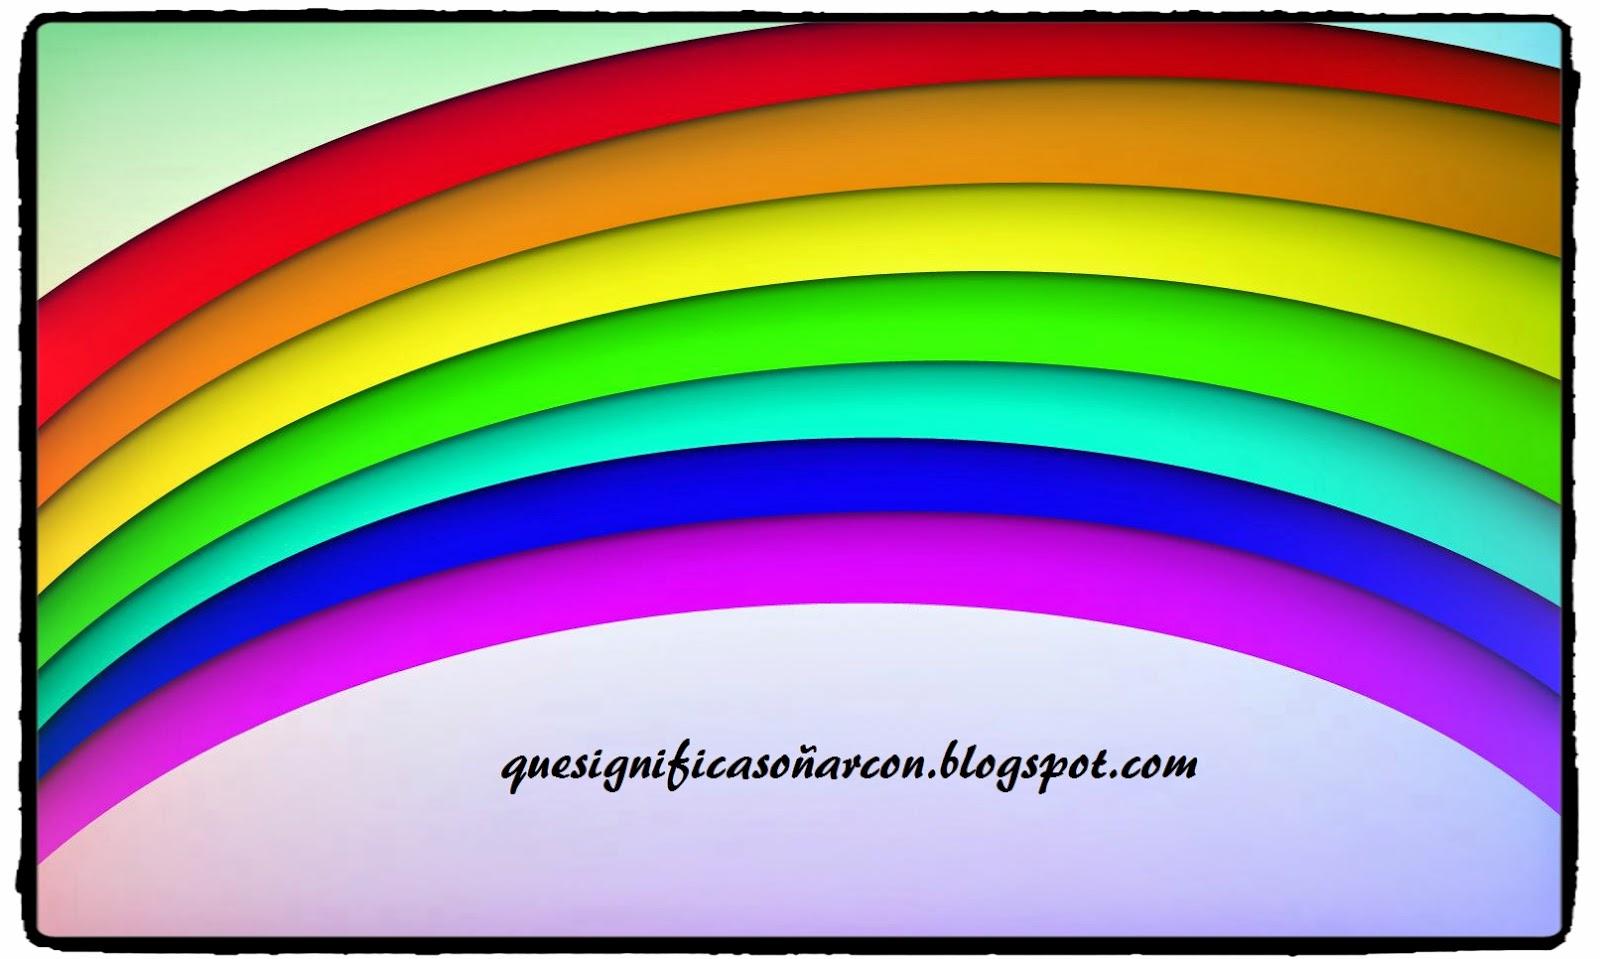 cual es el significado de soñar con rayos de luz como el arcoiris